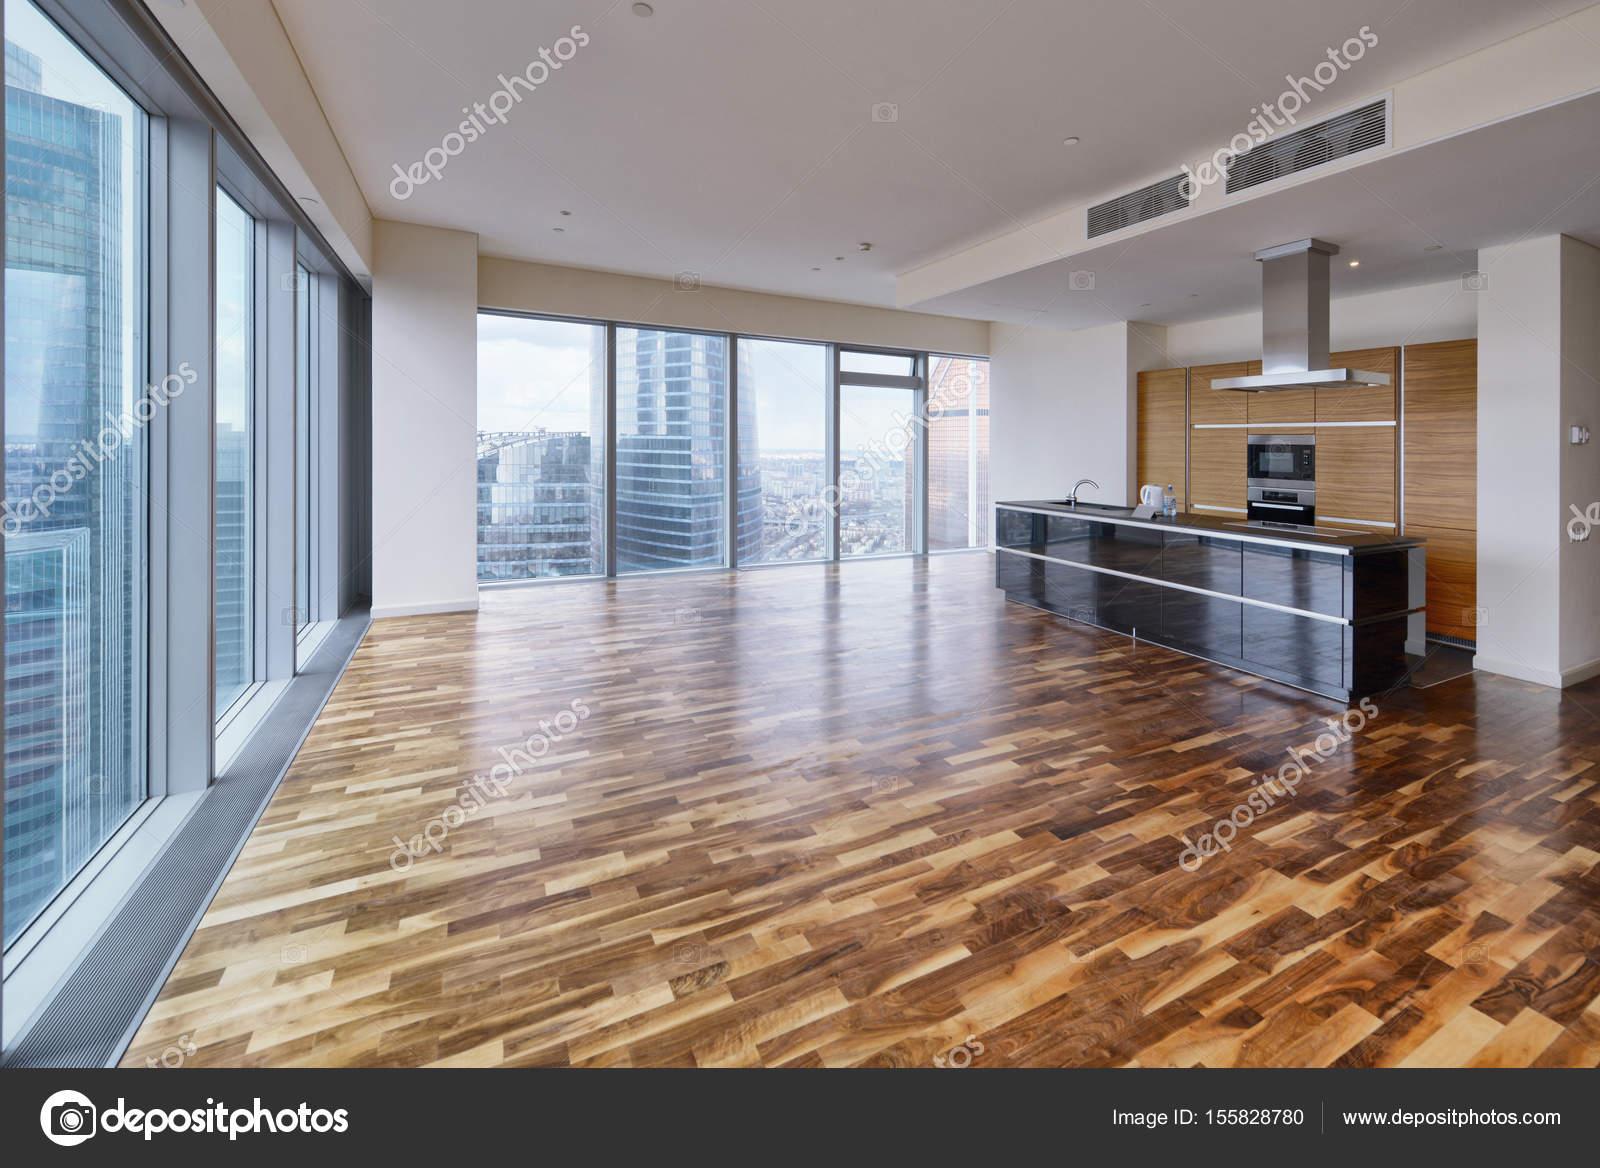 Interni moderni in una nuova casa di lusso con vetrate for Casa interni moderni